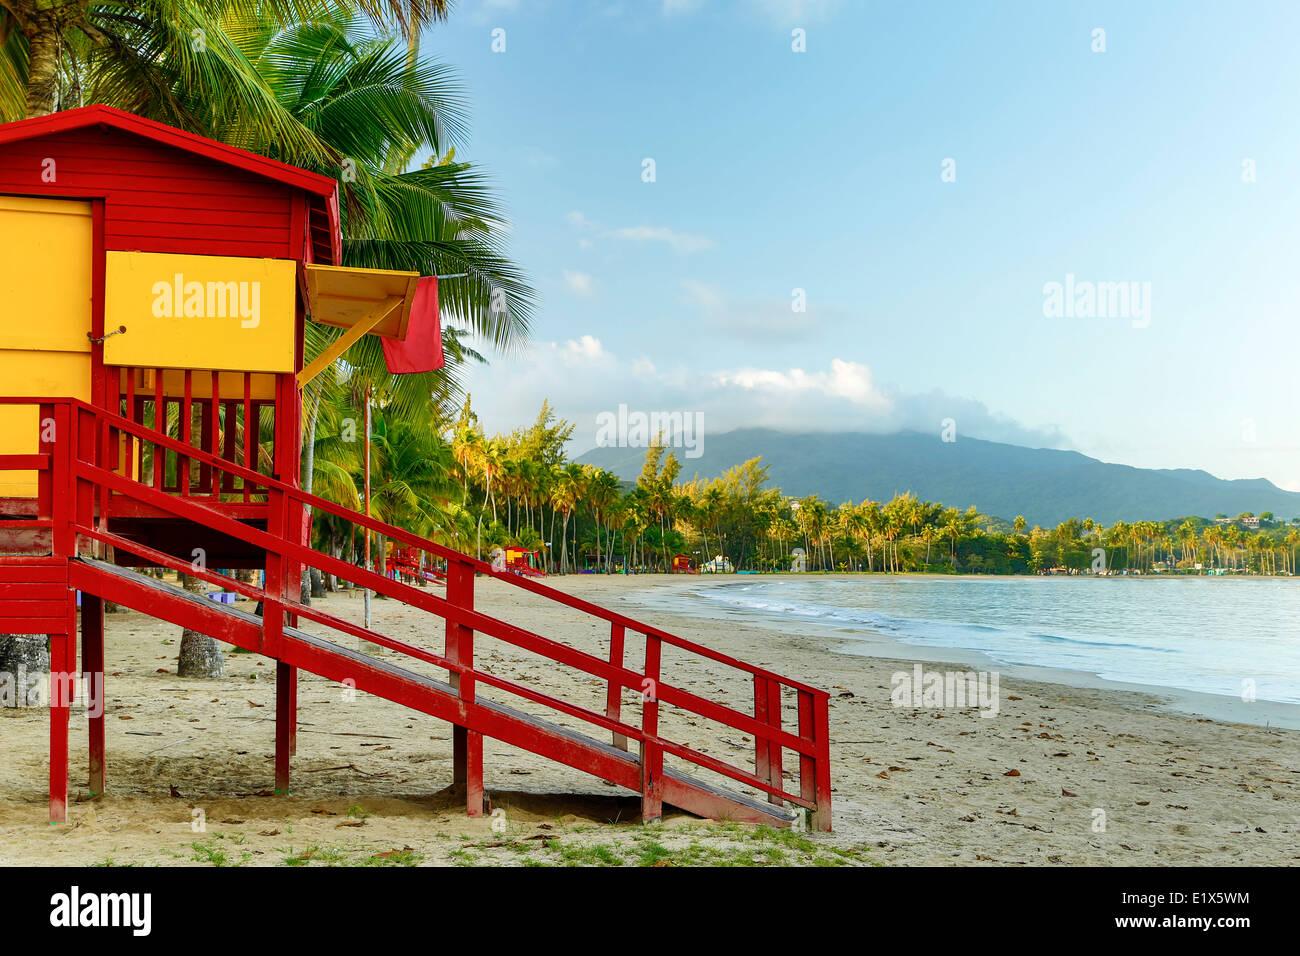 Casa bagnino, luquillo spiaggia pubblica e di EL YUNQUE avvolta nelle nuvole, luquillo, puerto rico Immagini Stock